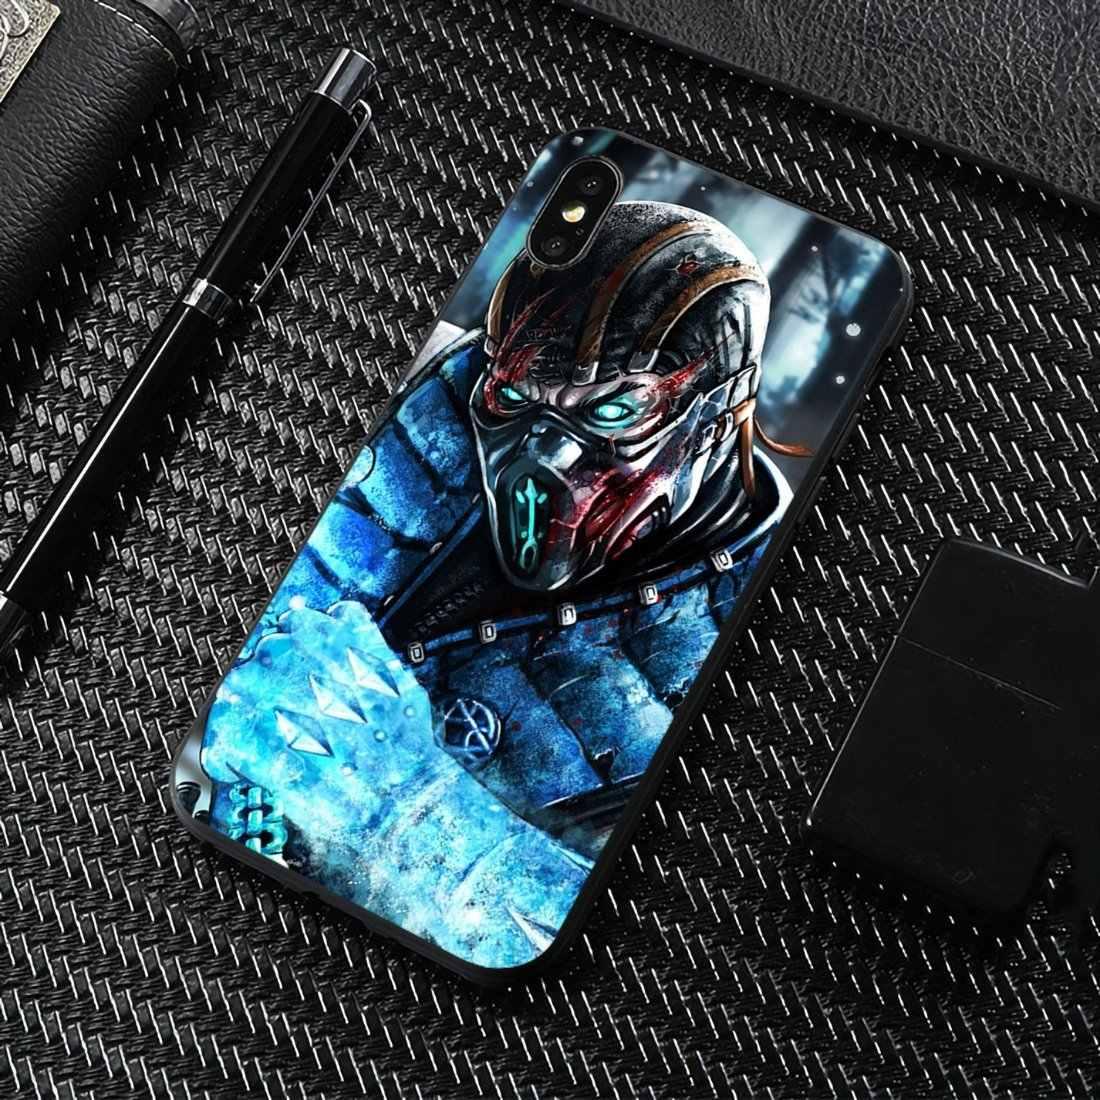 עבור Sony Xperia Z5 XZ XA1 XA2 פרימיום ULTRA 10 X L2 מורטל קומבט רך TPU סיליקון מקרי טלפון סלולרי פגז